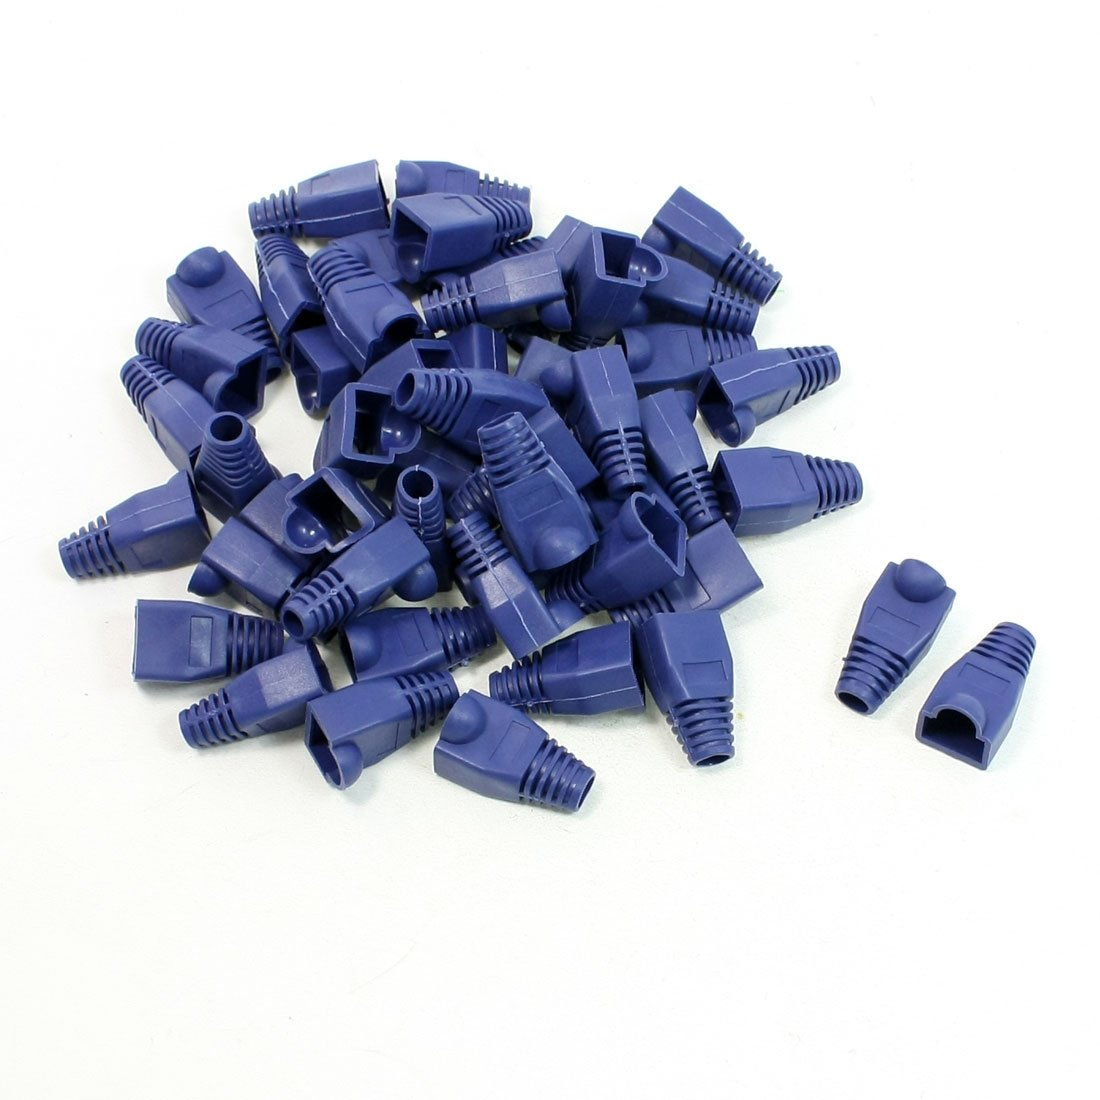 50 piezas de plástico anti-polvo botas de tapones embellecedores de azul para RJ45 conector: Amazon.es: Electrónica